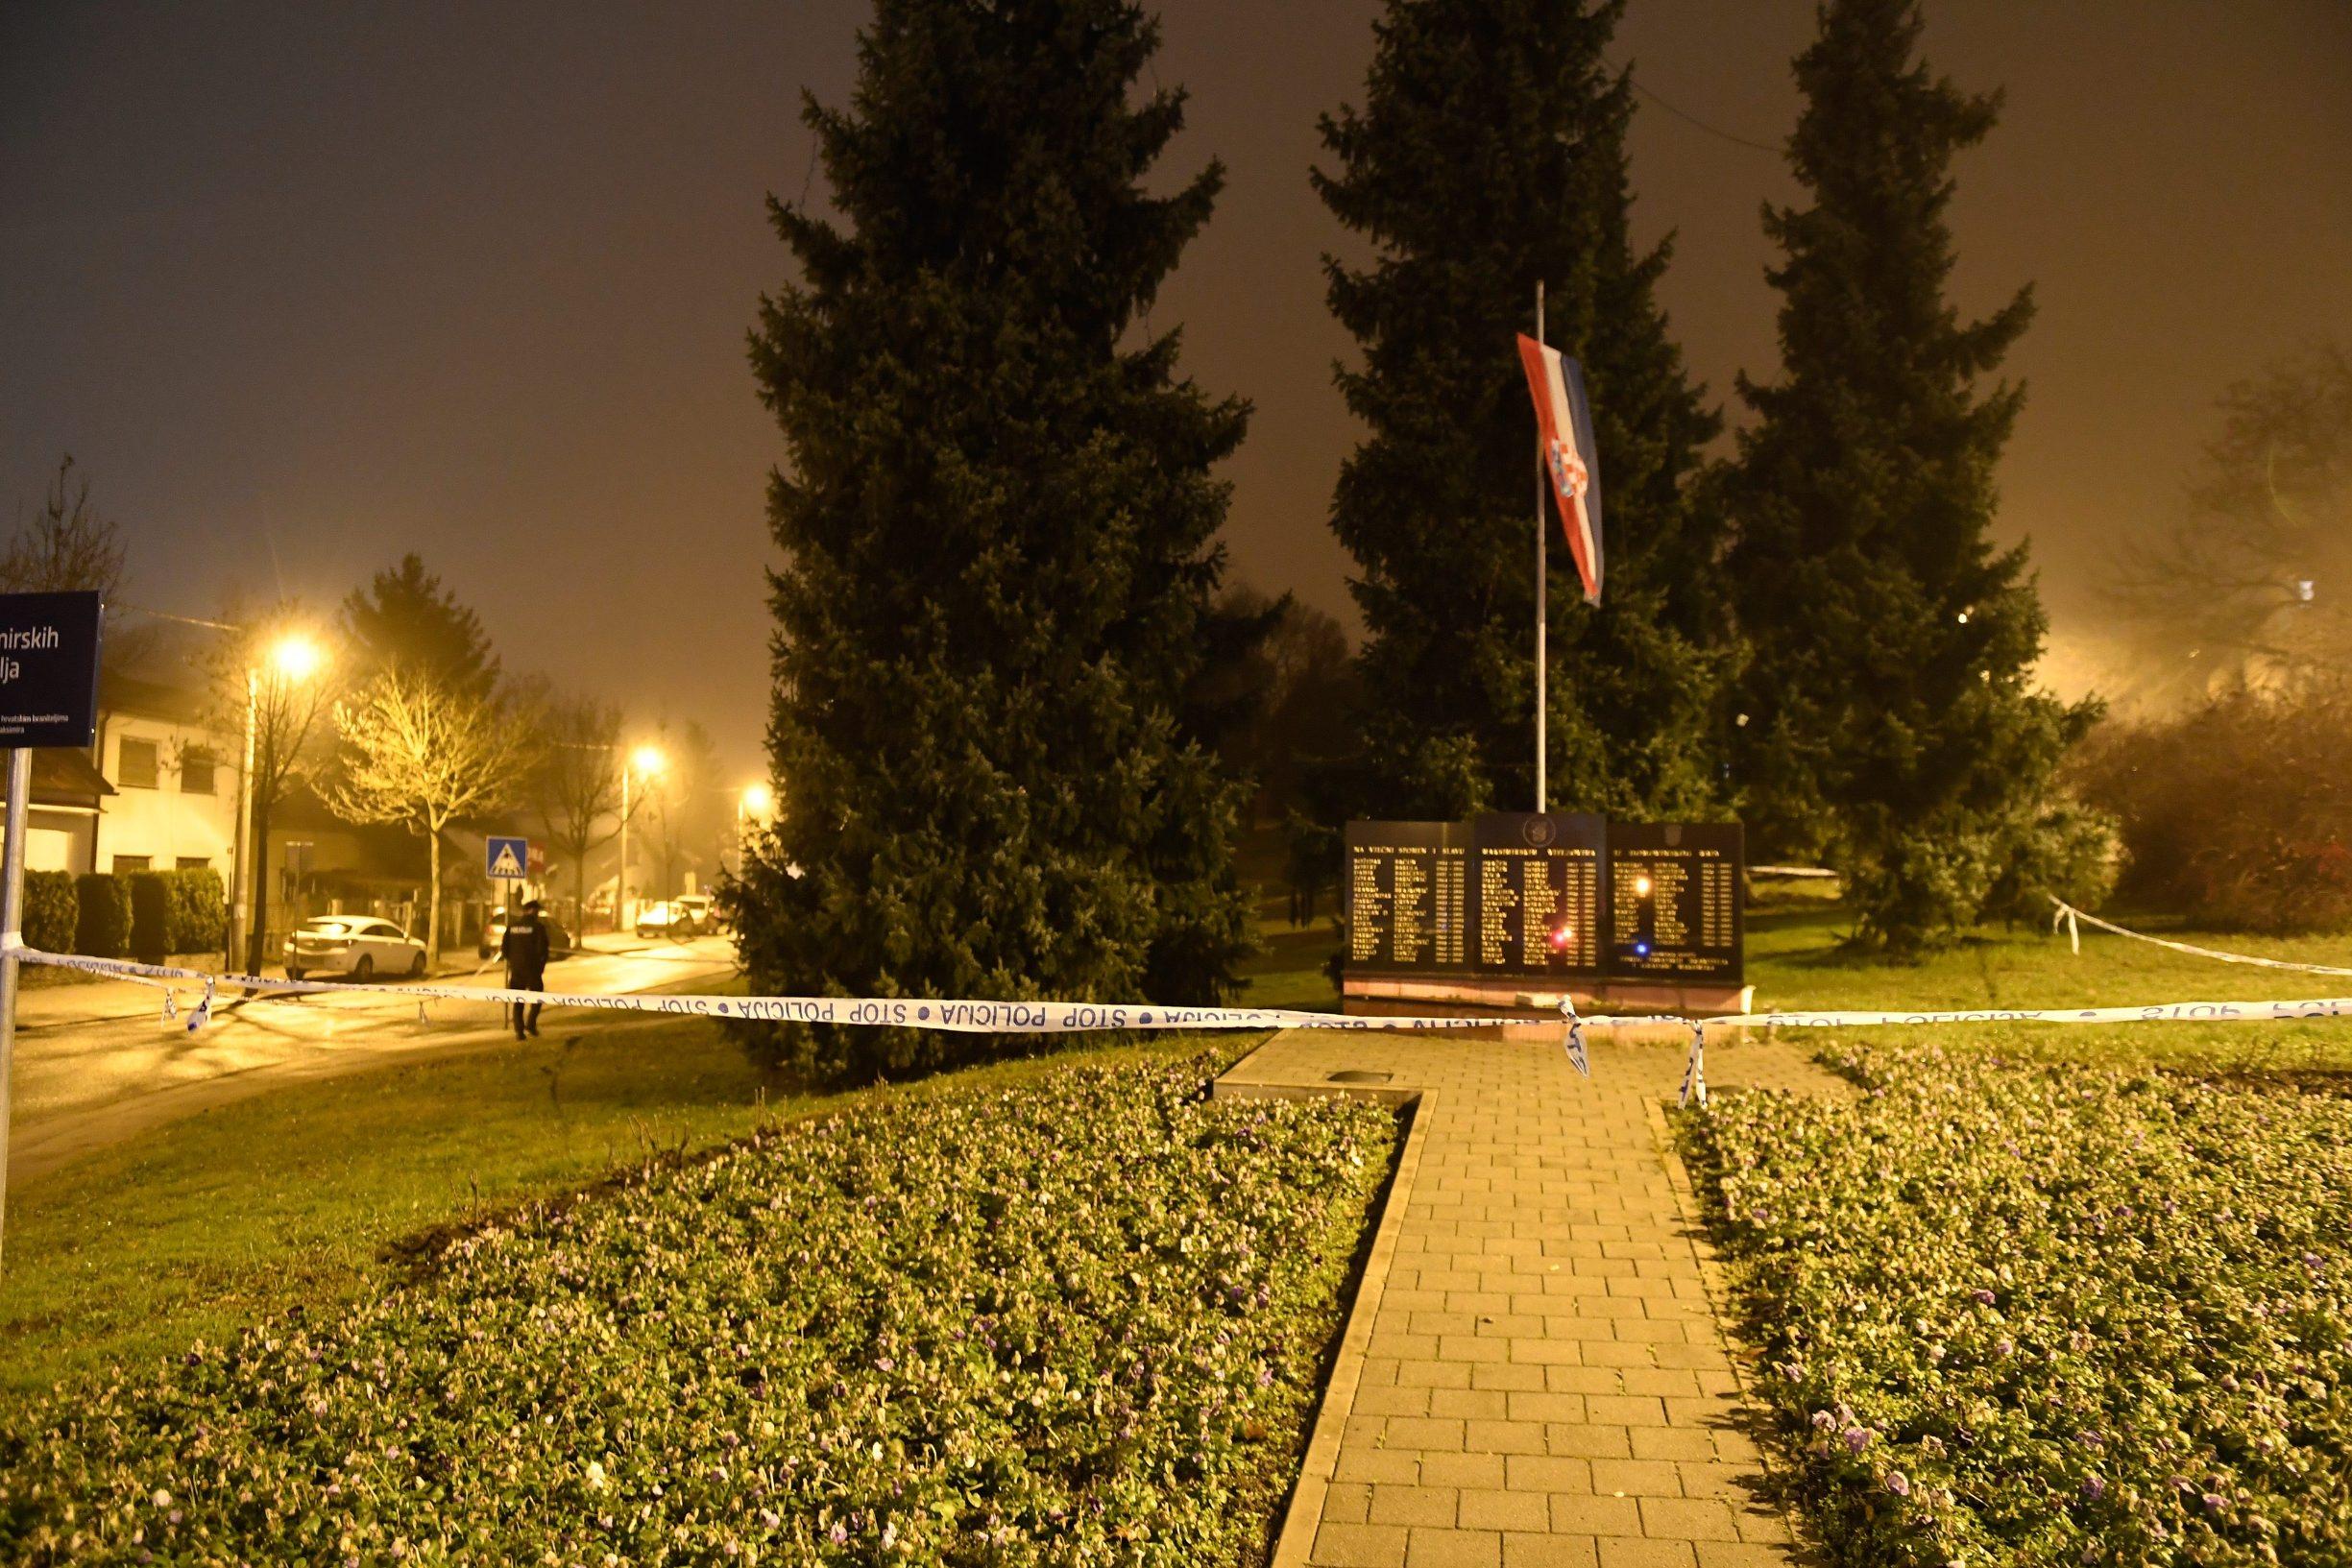 barutanski_jarak3-270120